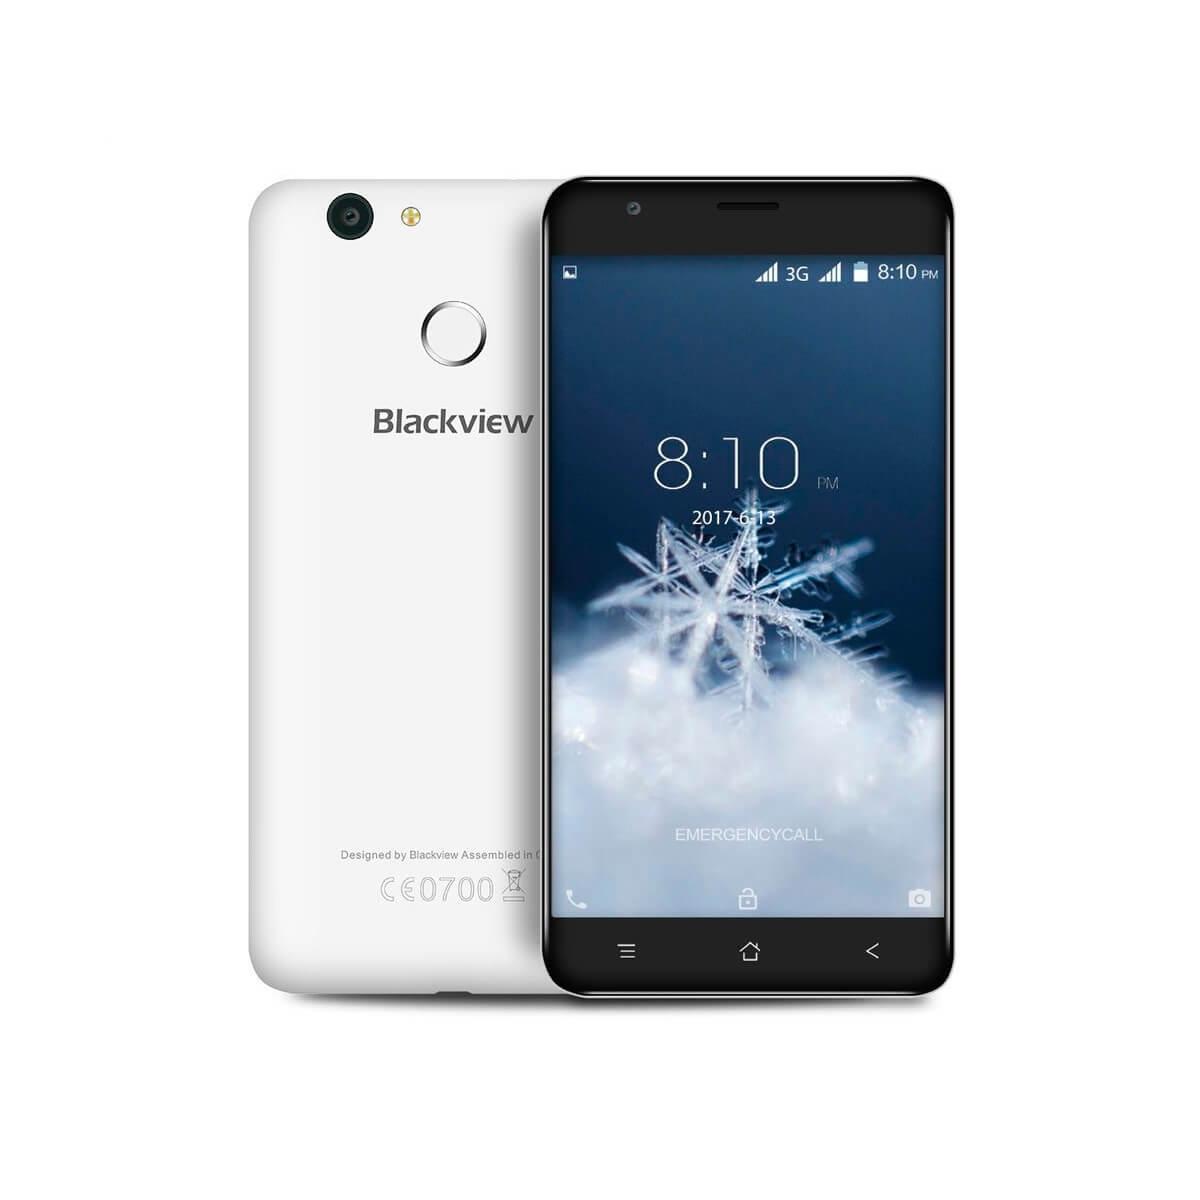 Blackview E7S